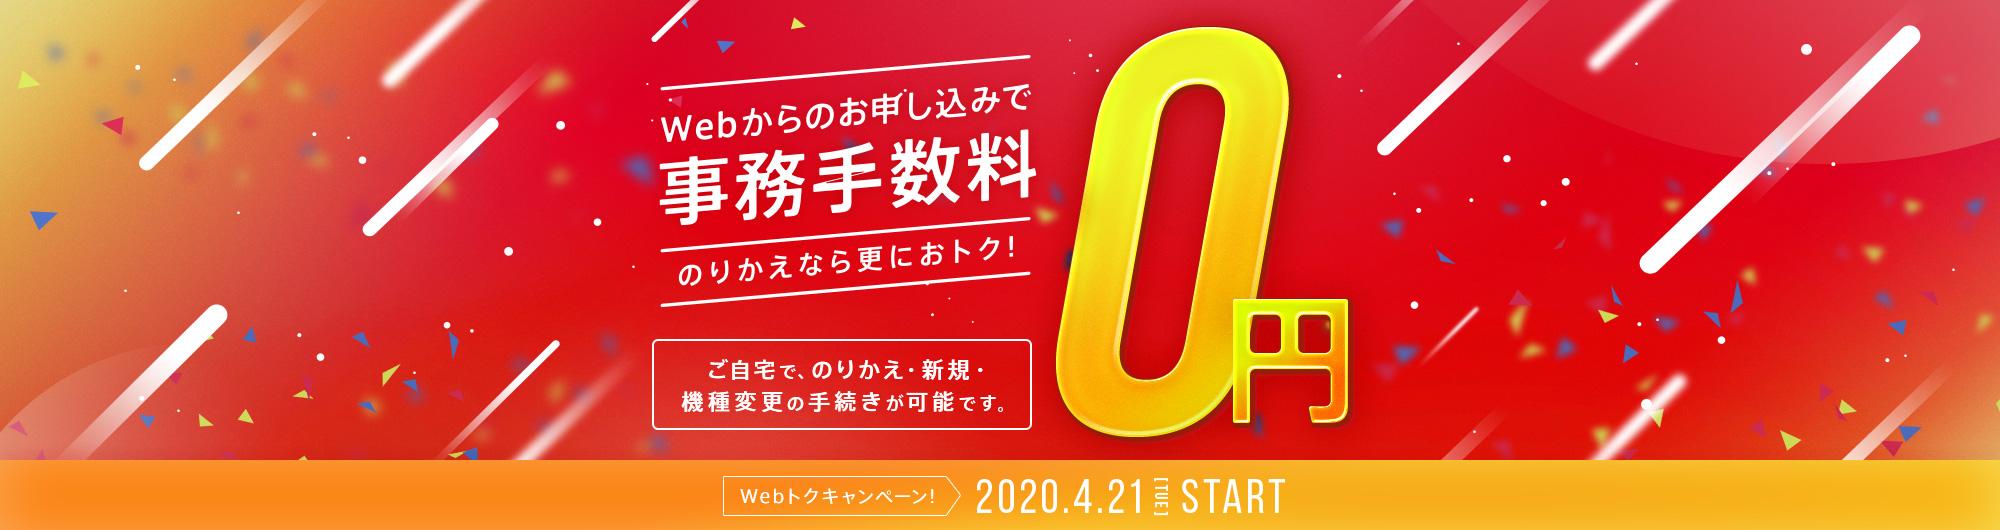 ソフトバンクのwebトクキャンペーン